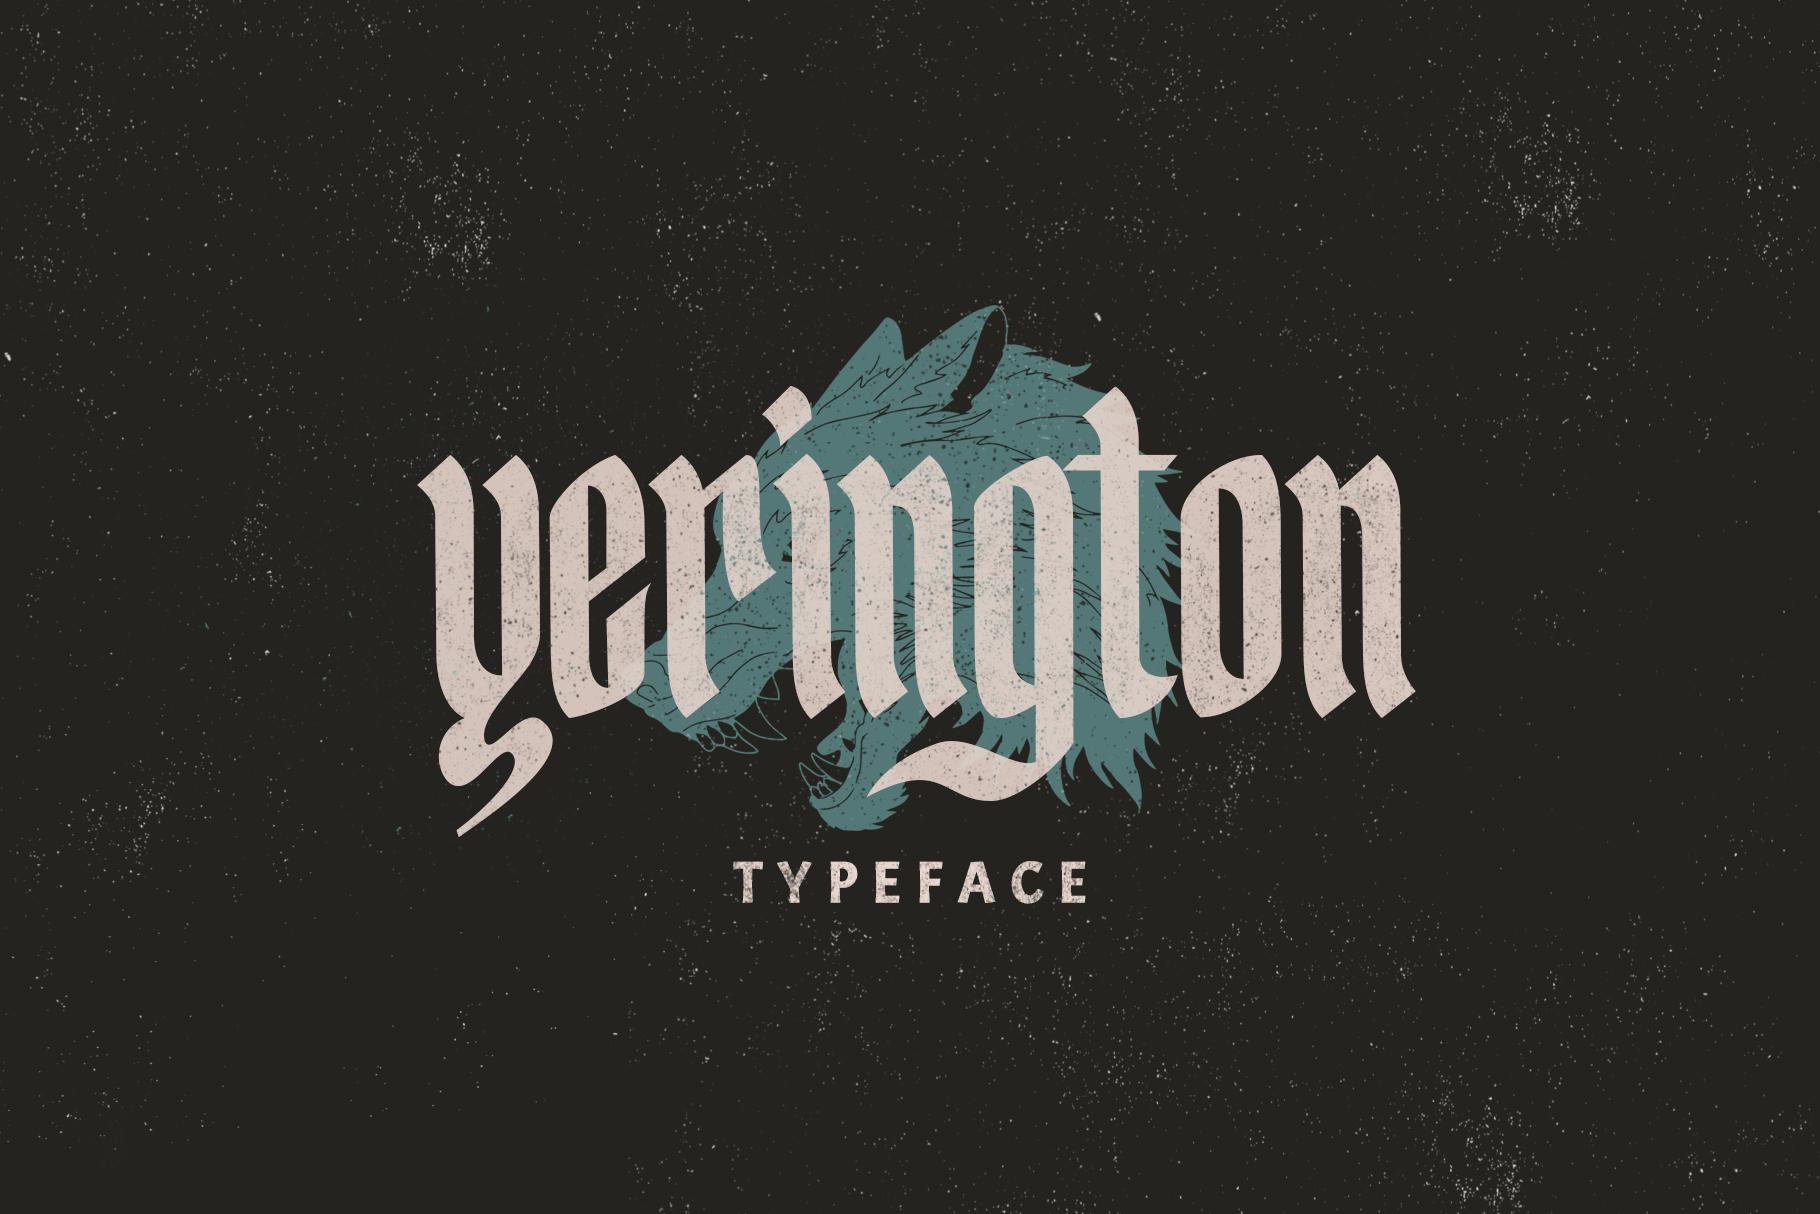 Yerington Typeface example image 1